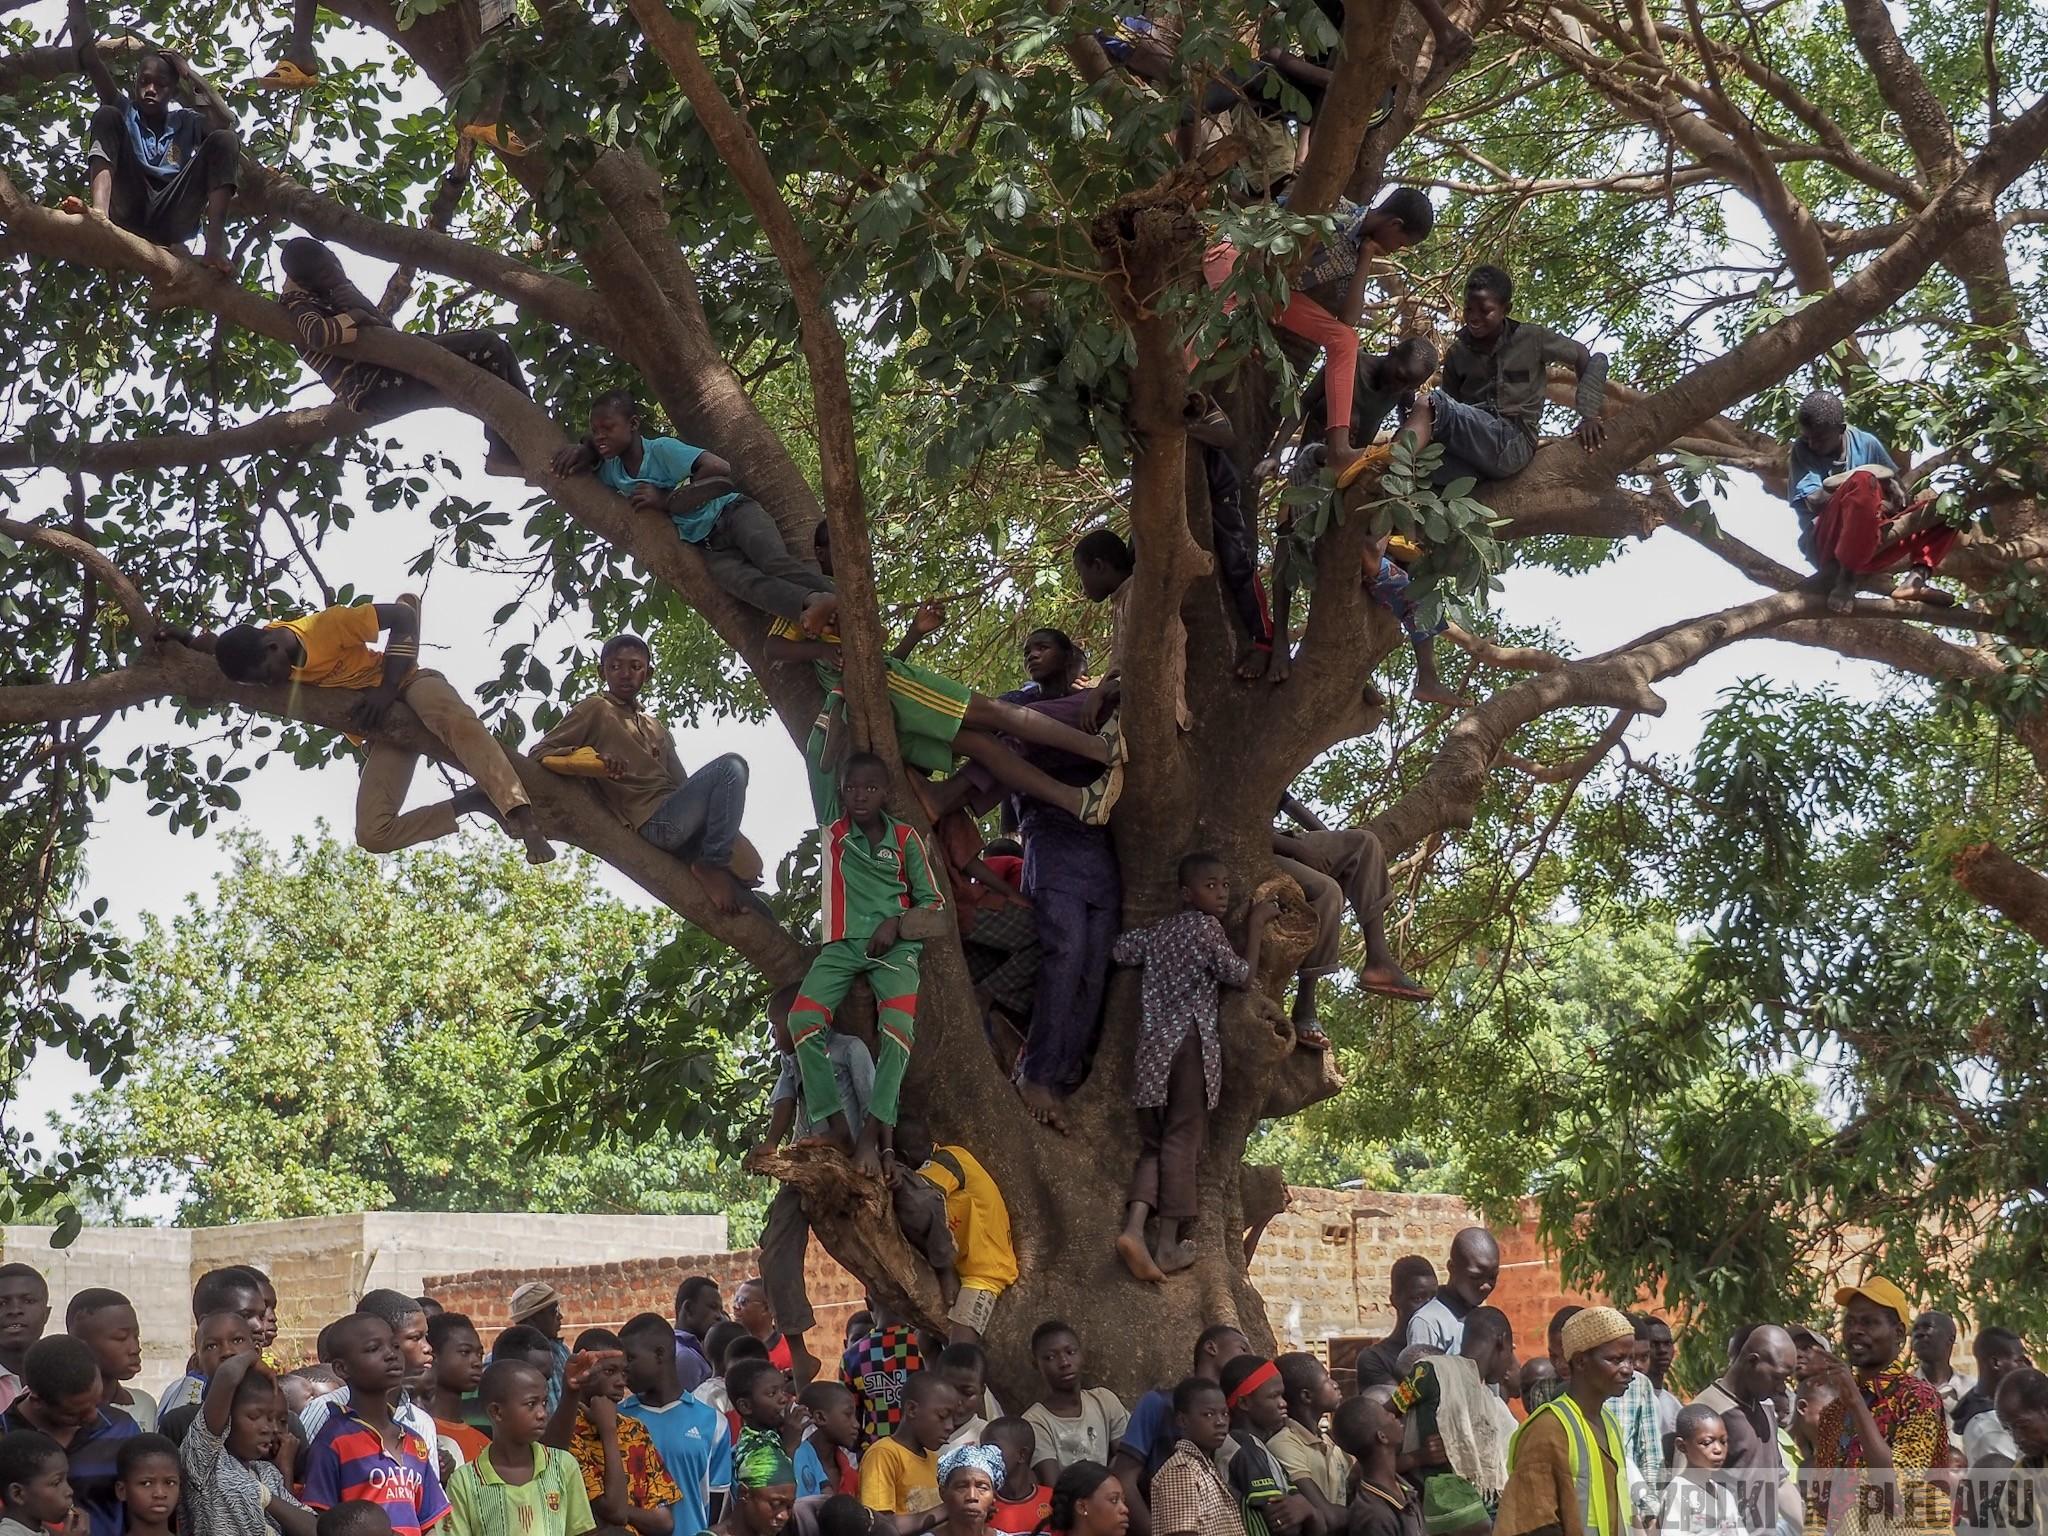 tree audience Burkina Faso audience